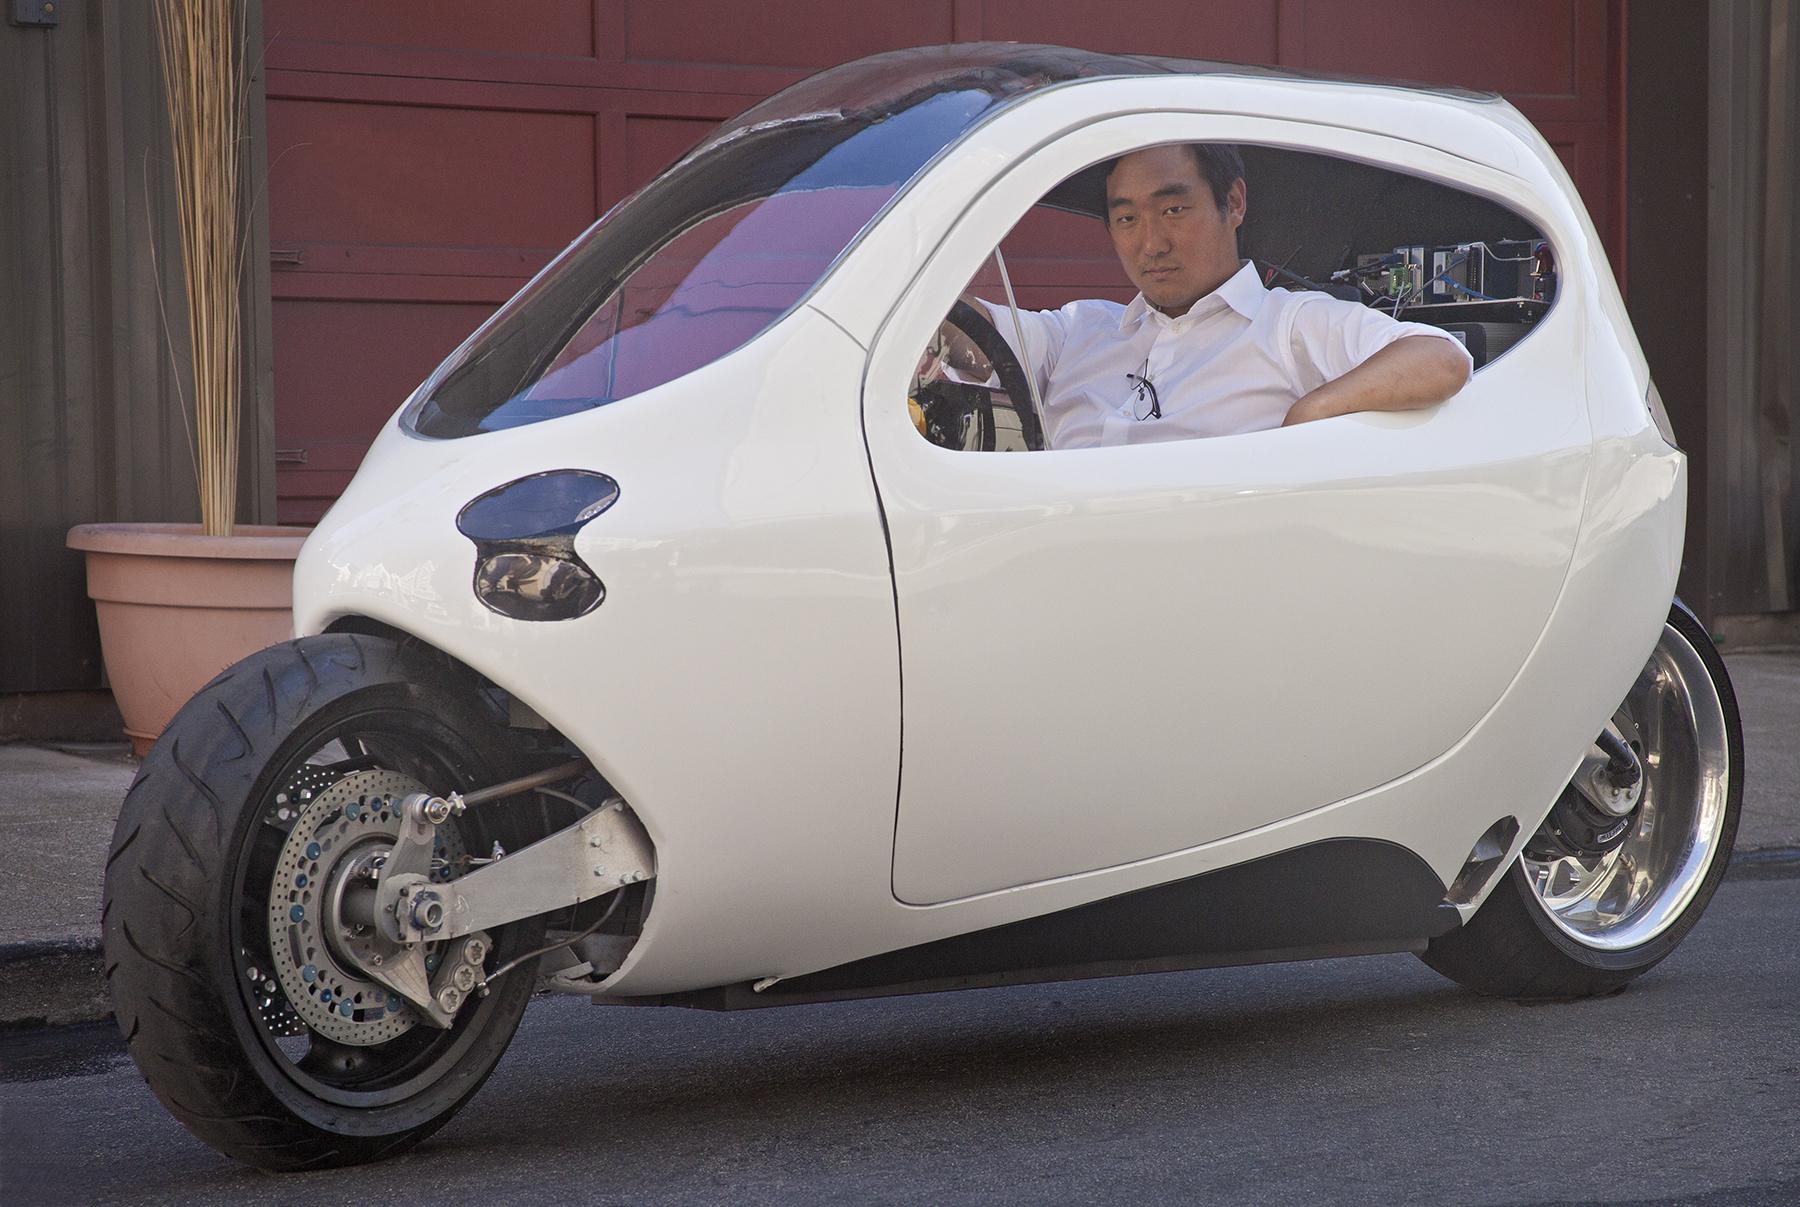 Le prototype C1 de Lit Motors avec au volant-guidon  le fondateur de la société Danny Kim (crédit : Lit Motors)